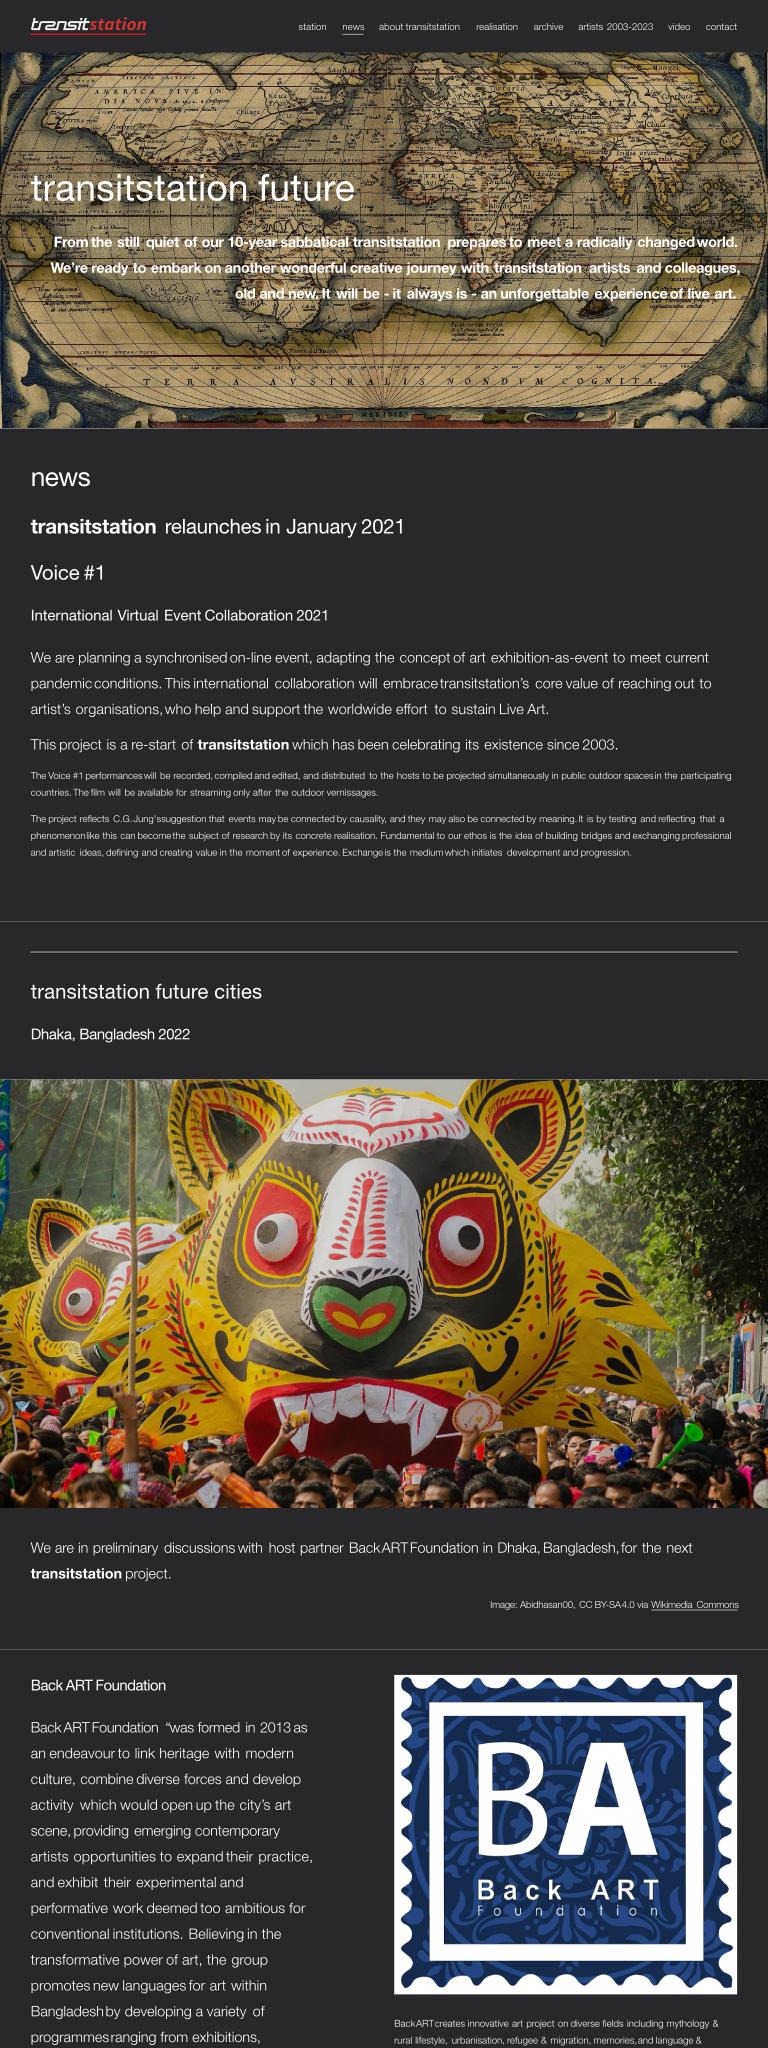 screenshot of artists' website, light text on dark background